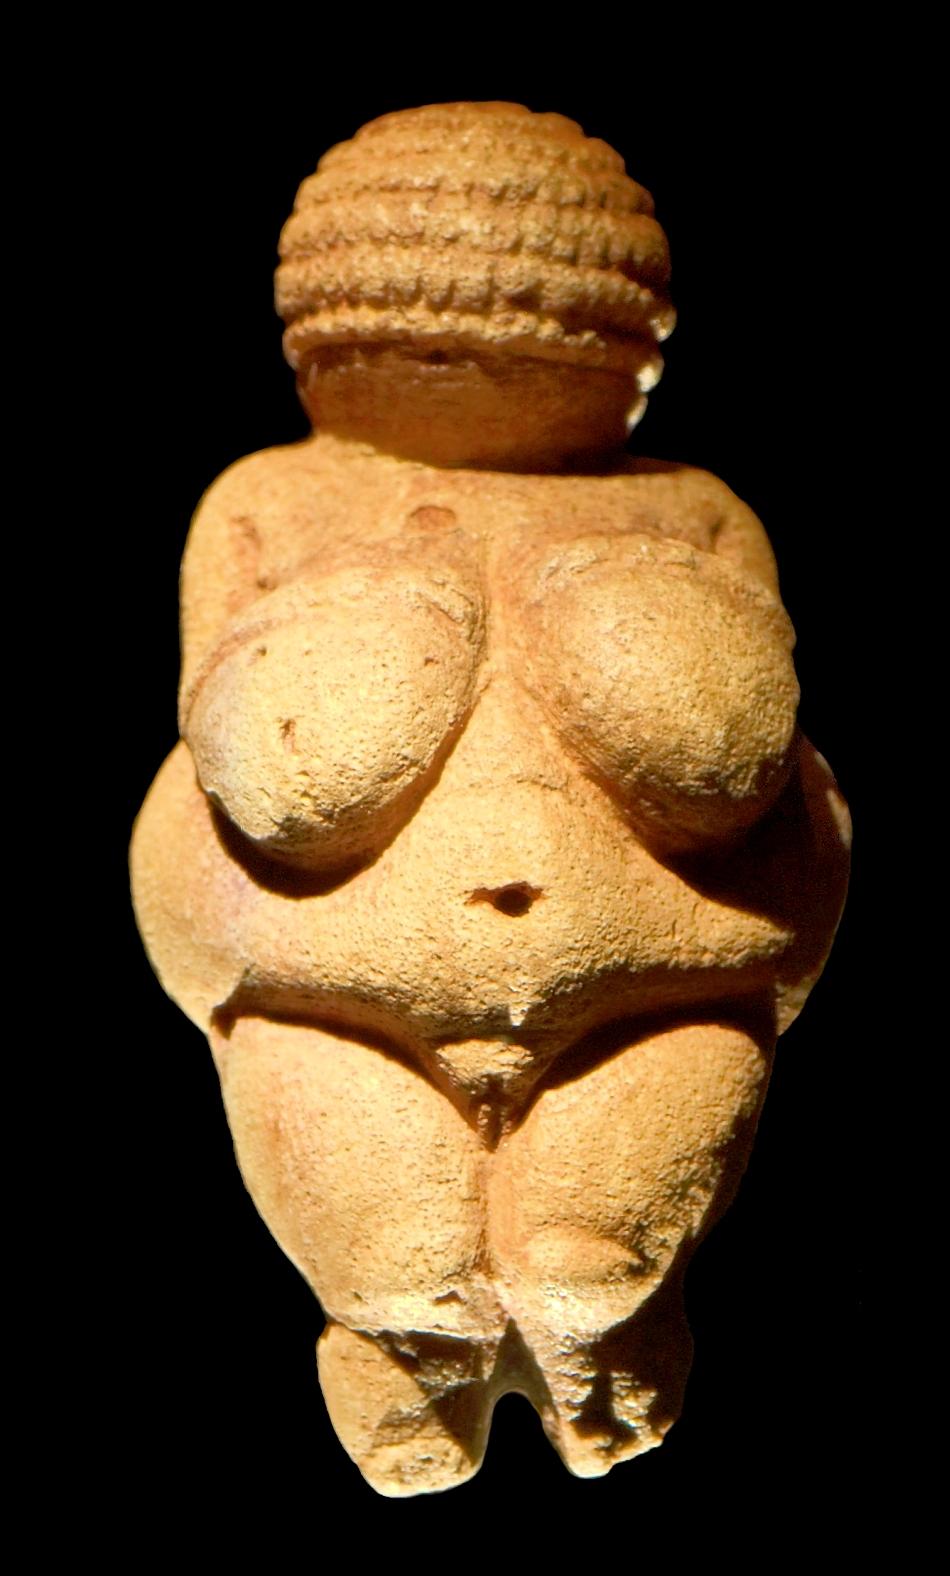 Venus din Willendorf (Austria), una dintre cele mai celebre figurine de acest gen; are 11 cm înălţime şi datează din 24.000 - 22.000 î.e.n.